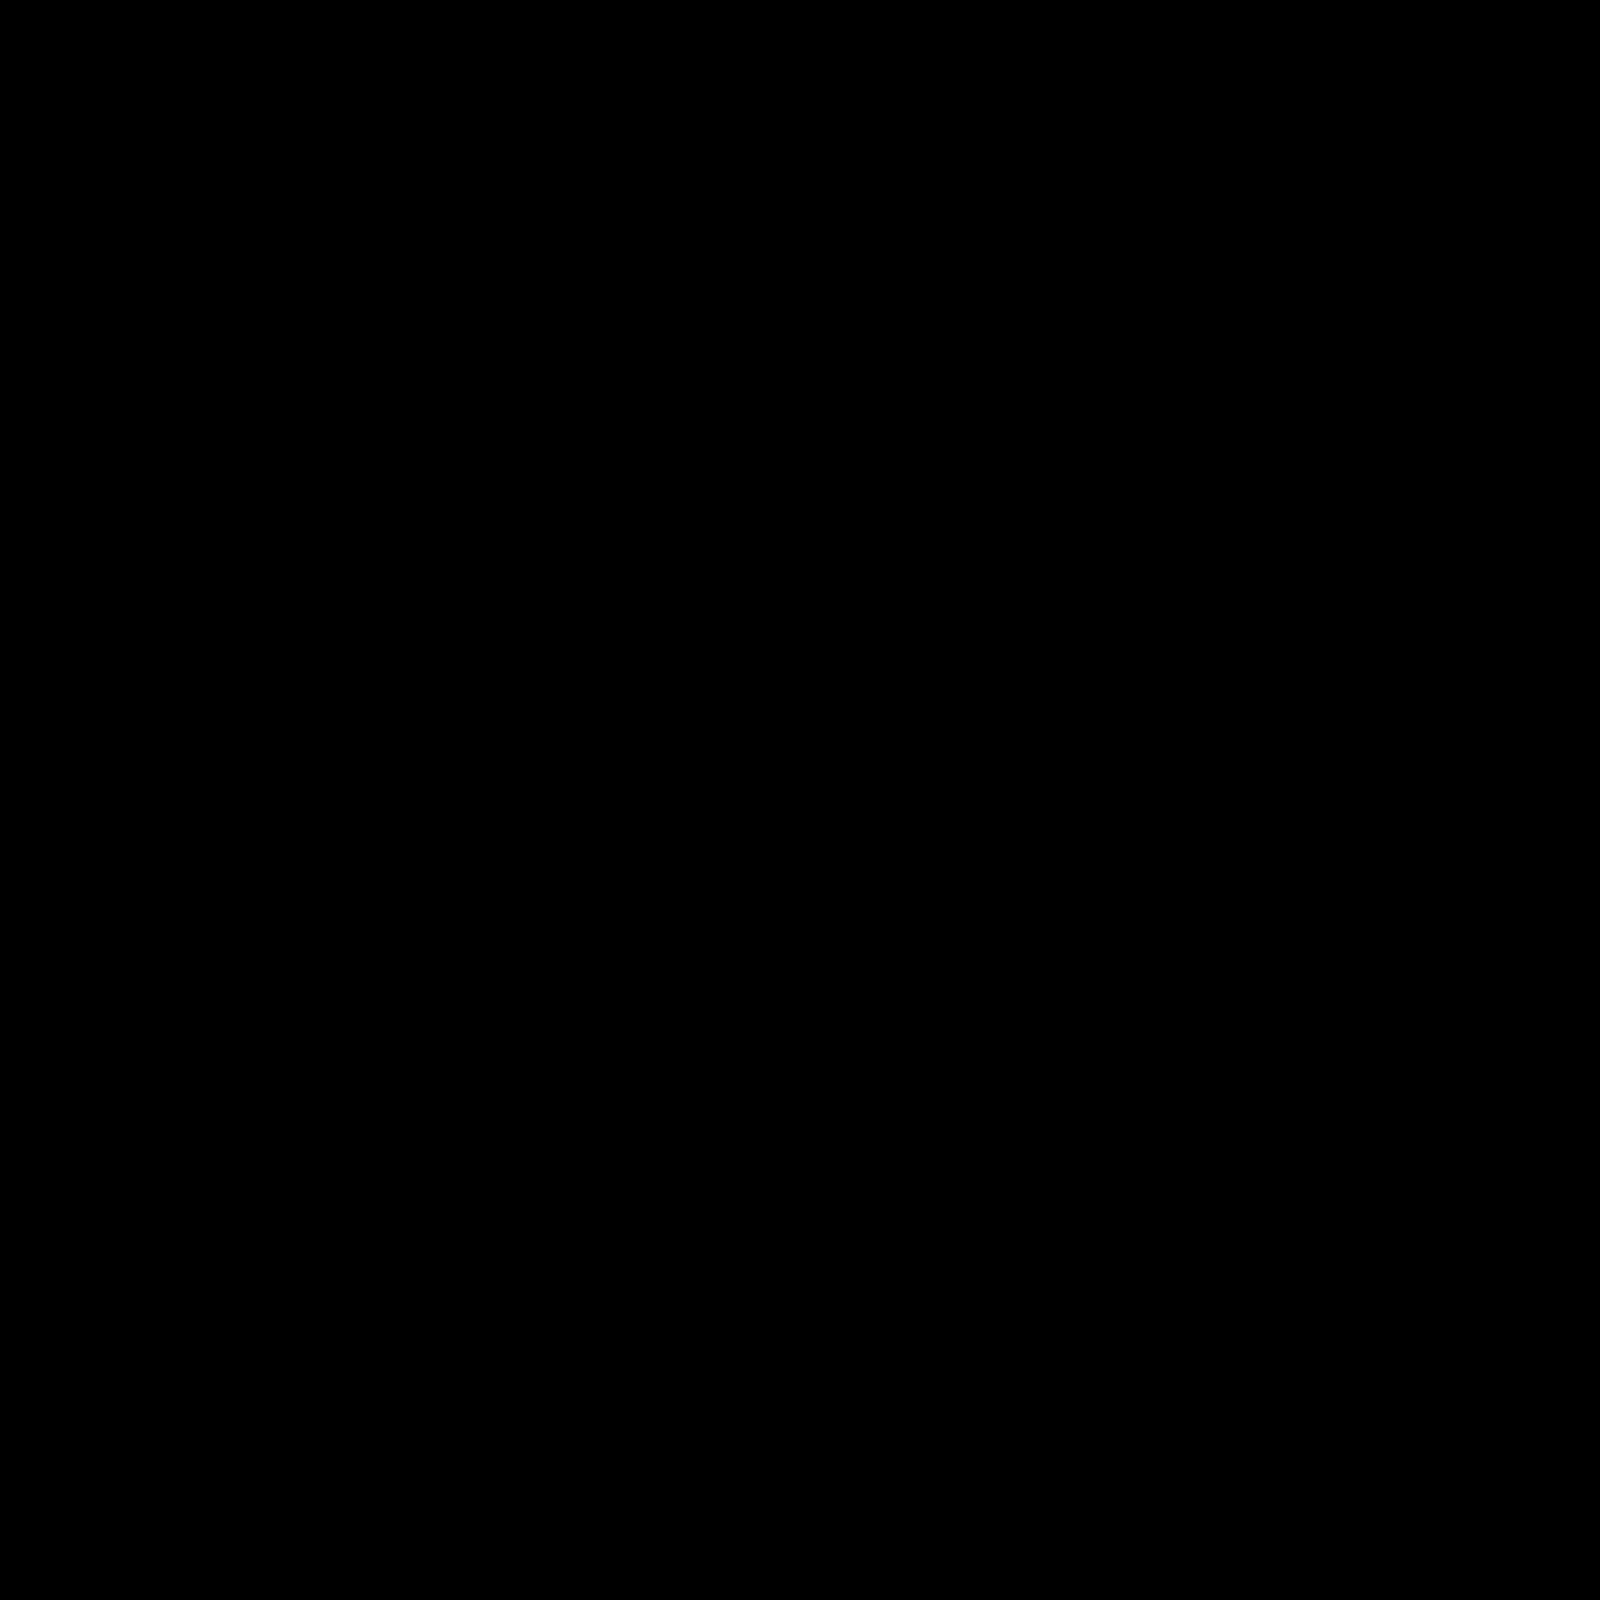 C Icon #39995.